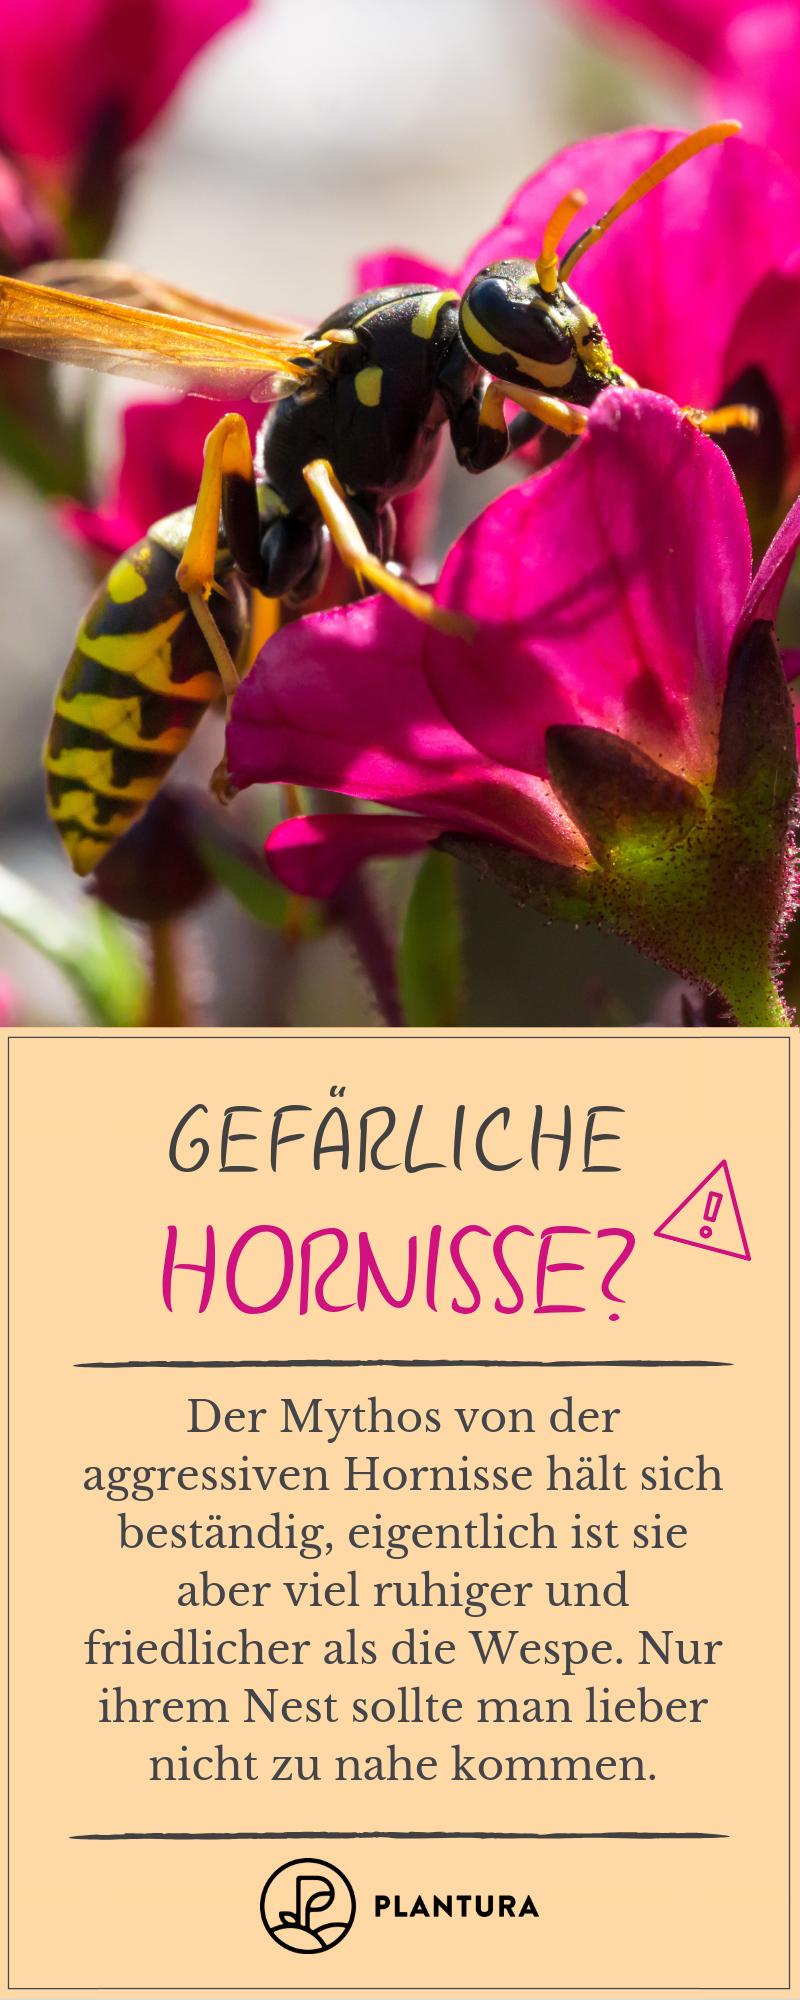 Wie Gefahrlich Sind Hornissen Und Hornissenstiche Wirklich Selbstversorger Garten Pflanzenschutz Gemusegarten Anlegen